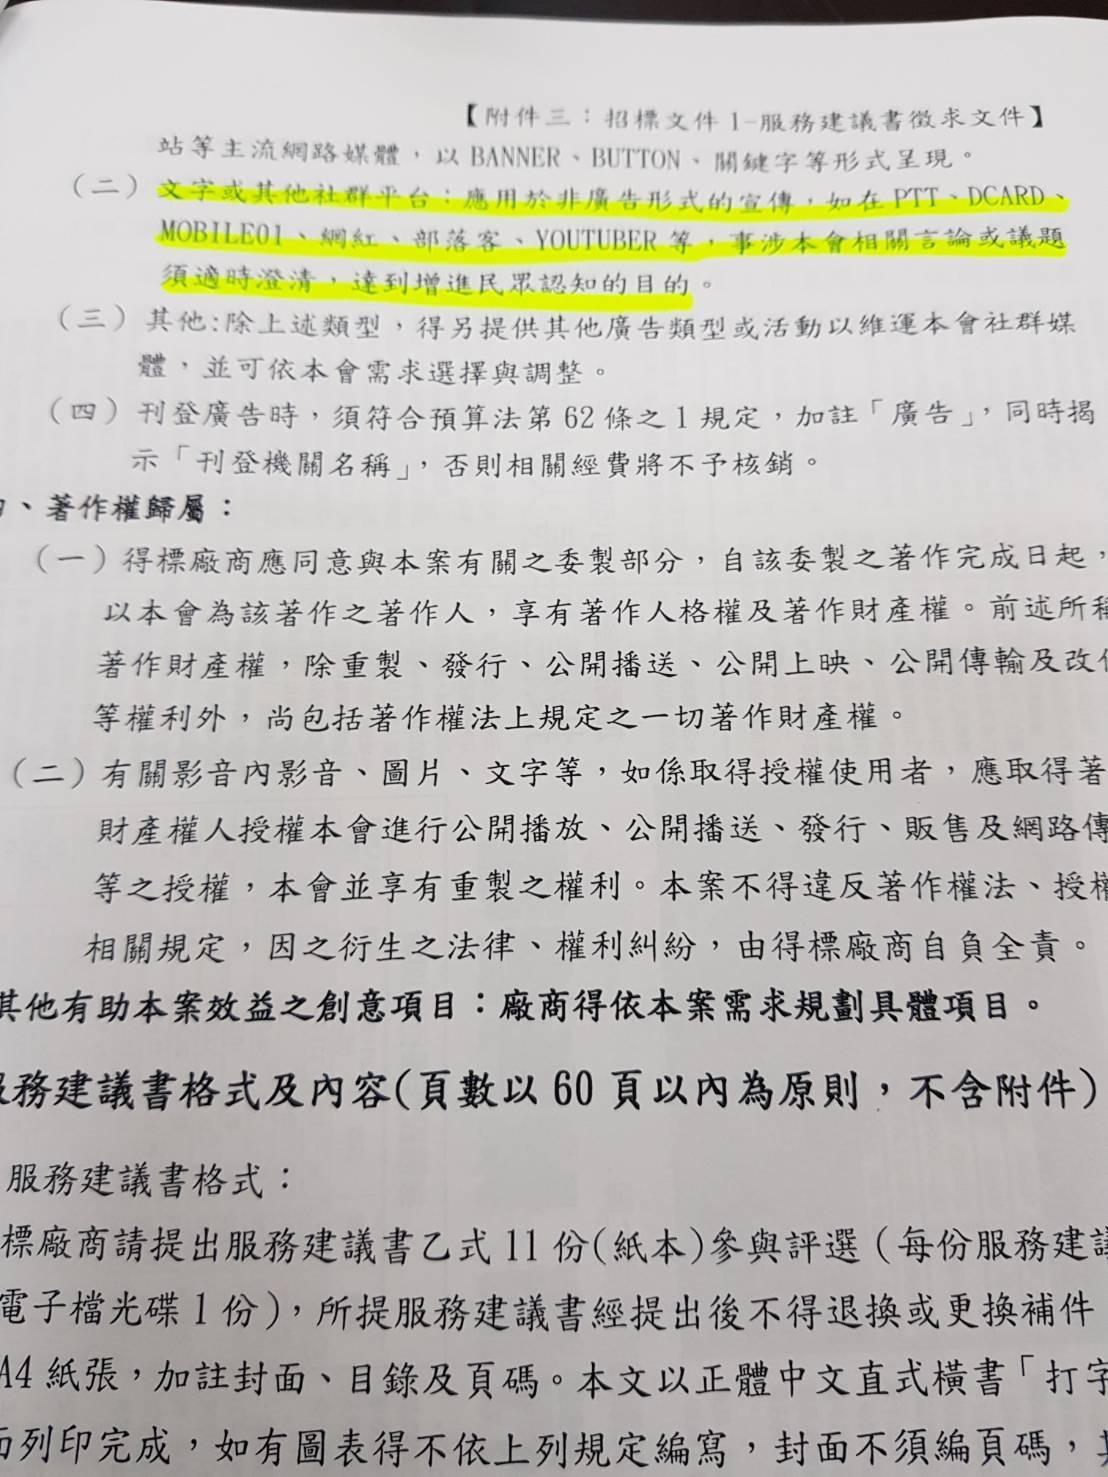 農委會標案內容。圖/立委曾銘宗辦公室提供